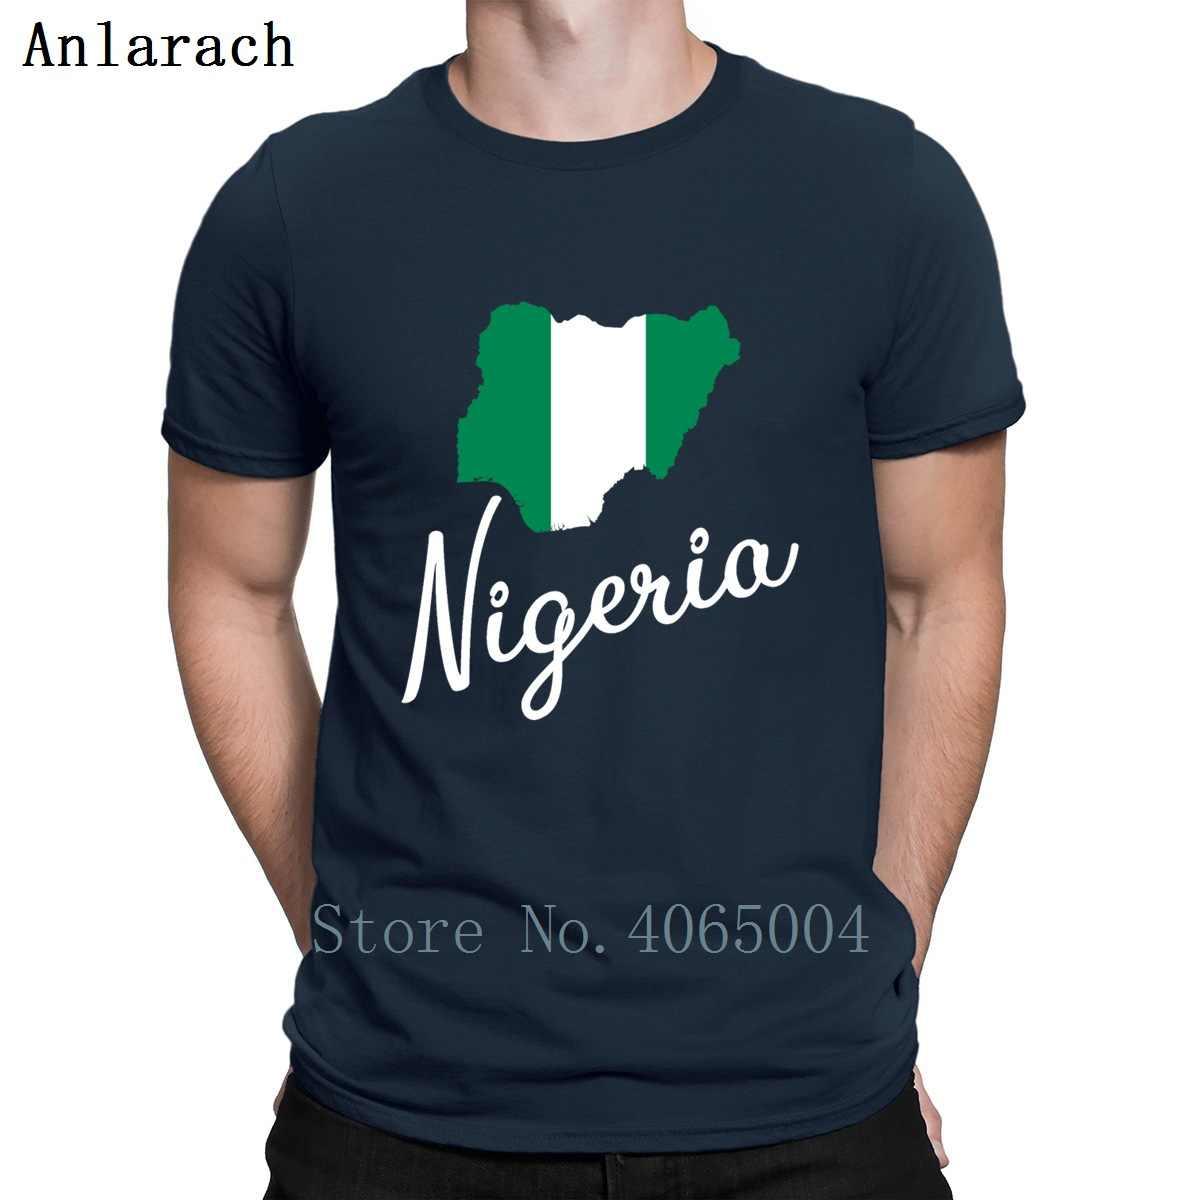 ניגריה אפריקה מפת המדינה גבולות Abuja רטרו T חולצה חדש אופנה קיץ סגנון מגמת S-3xl קצר שרוול מעצב בגדי חולצה